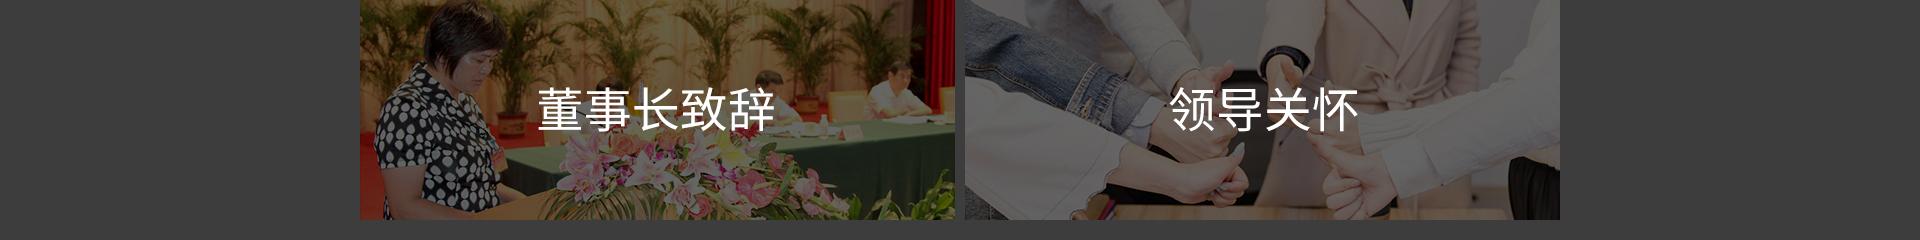 山东水波尔家居有限公司是知名的床垫生产厂家,主营:乳胶床垫,水床垫,7G床垫等,支持酒店以及学校定制,智能调节,承托,质量保证,超长保修.热线:0539-4610167